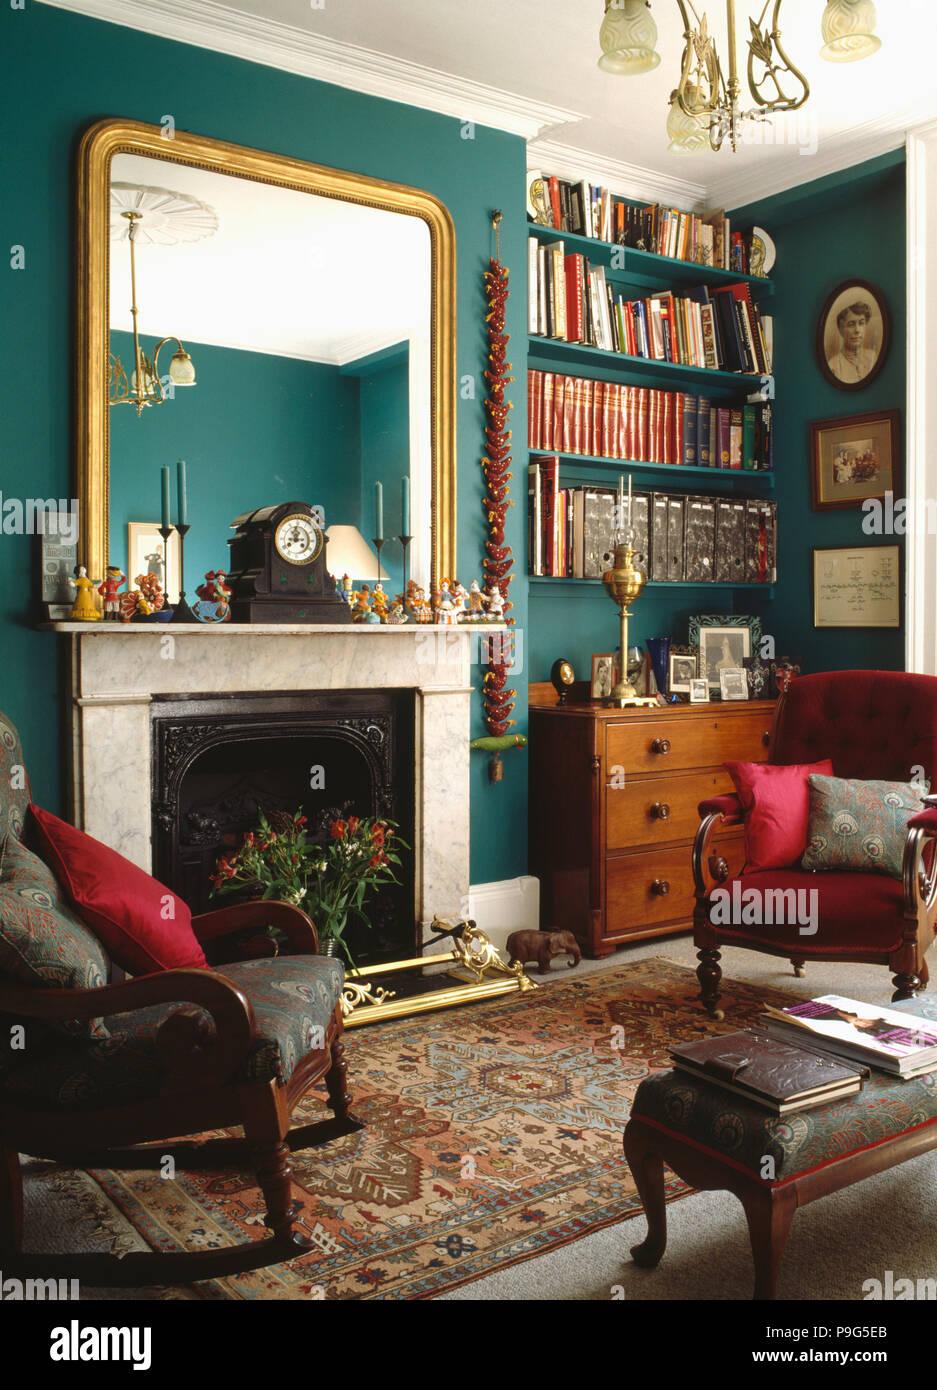 https www alamyimages fr grand miroir dore au dessus de la cheminee de marbre vert dans townhosue salon avec etageres et meubles anciens image212411875 html